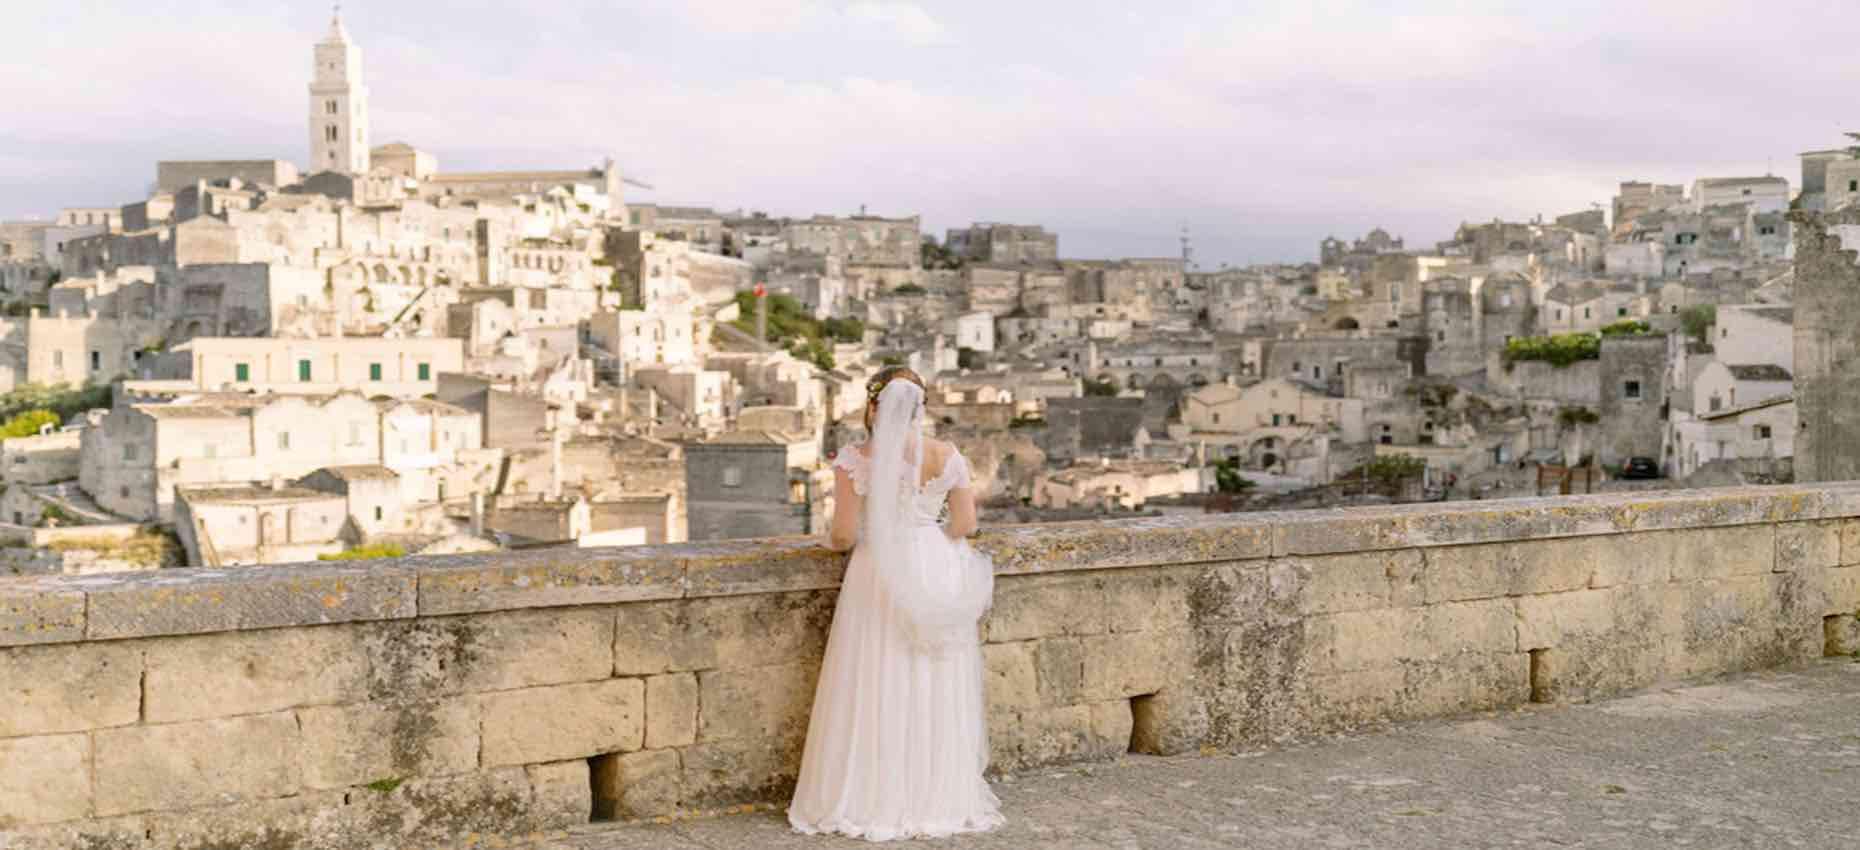 sudexperience wedding-planner-matrimoni-organizzazione-eventi-cerimonie-matera-altamura-gravina-bari-basilicata-puglia